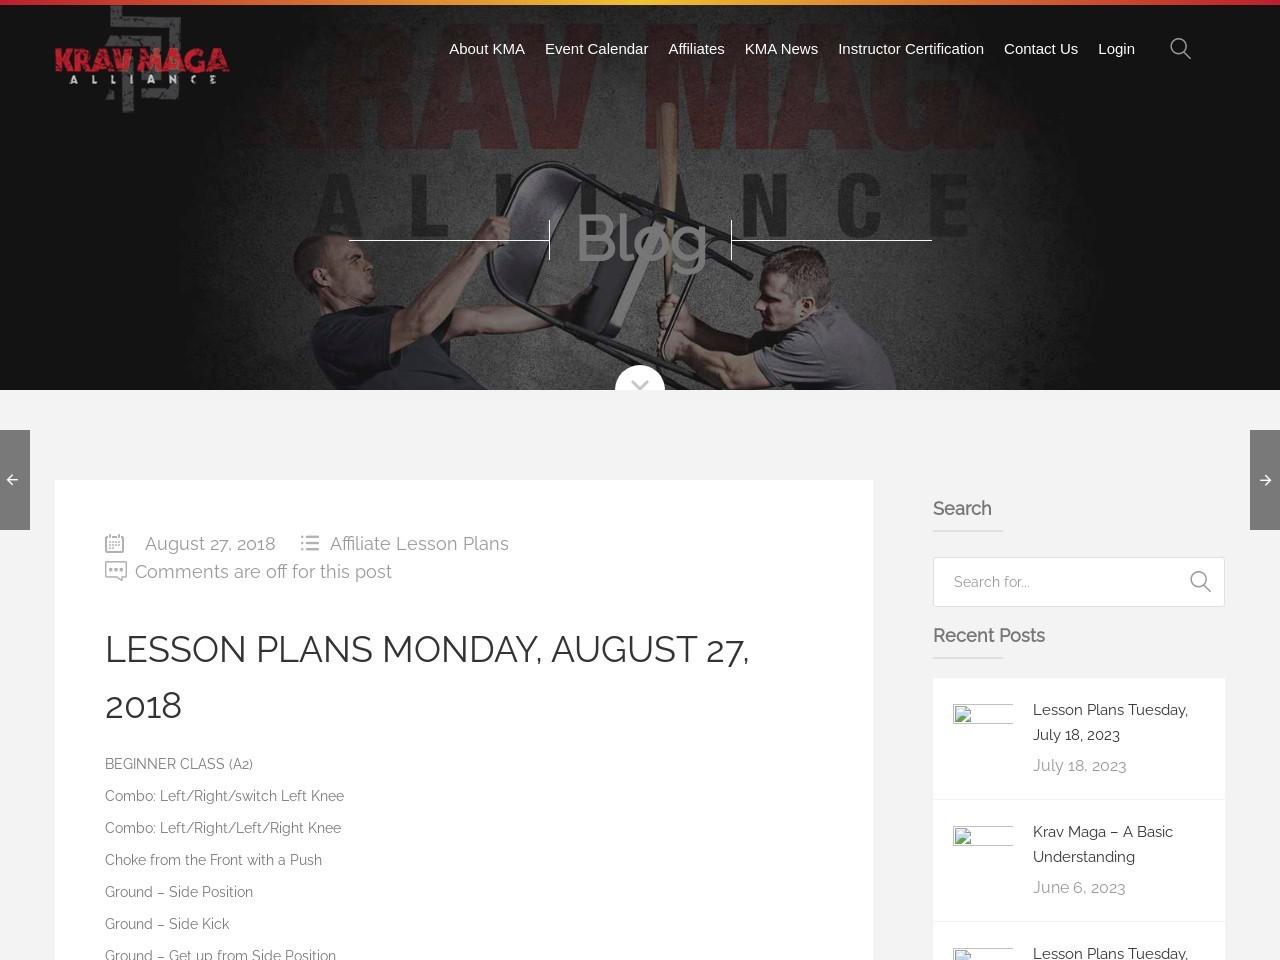 Lesson Plans Monday, August 27, 2018